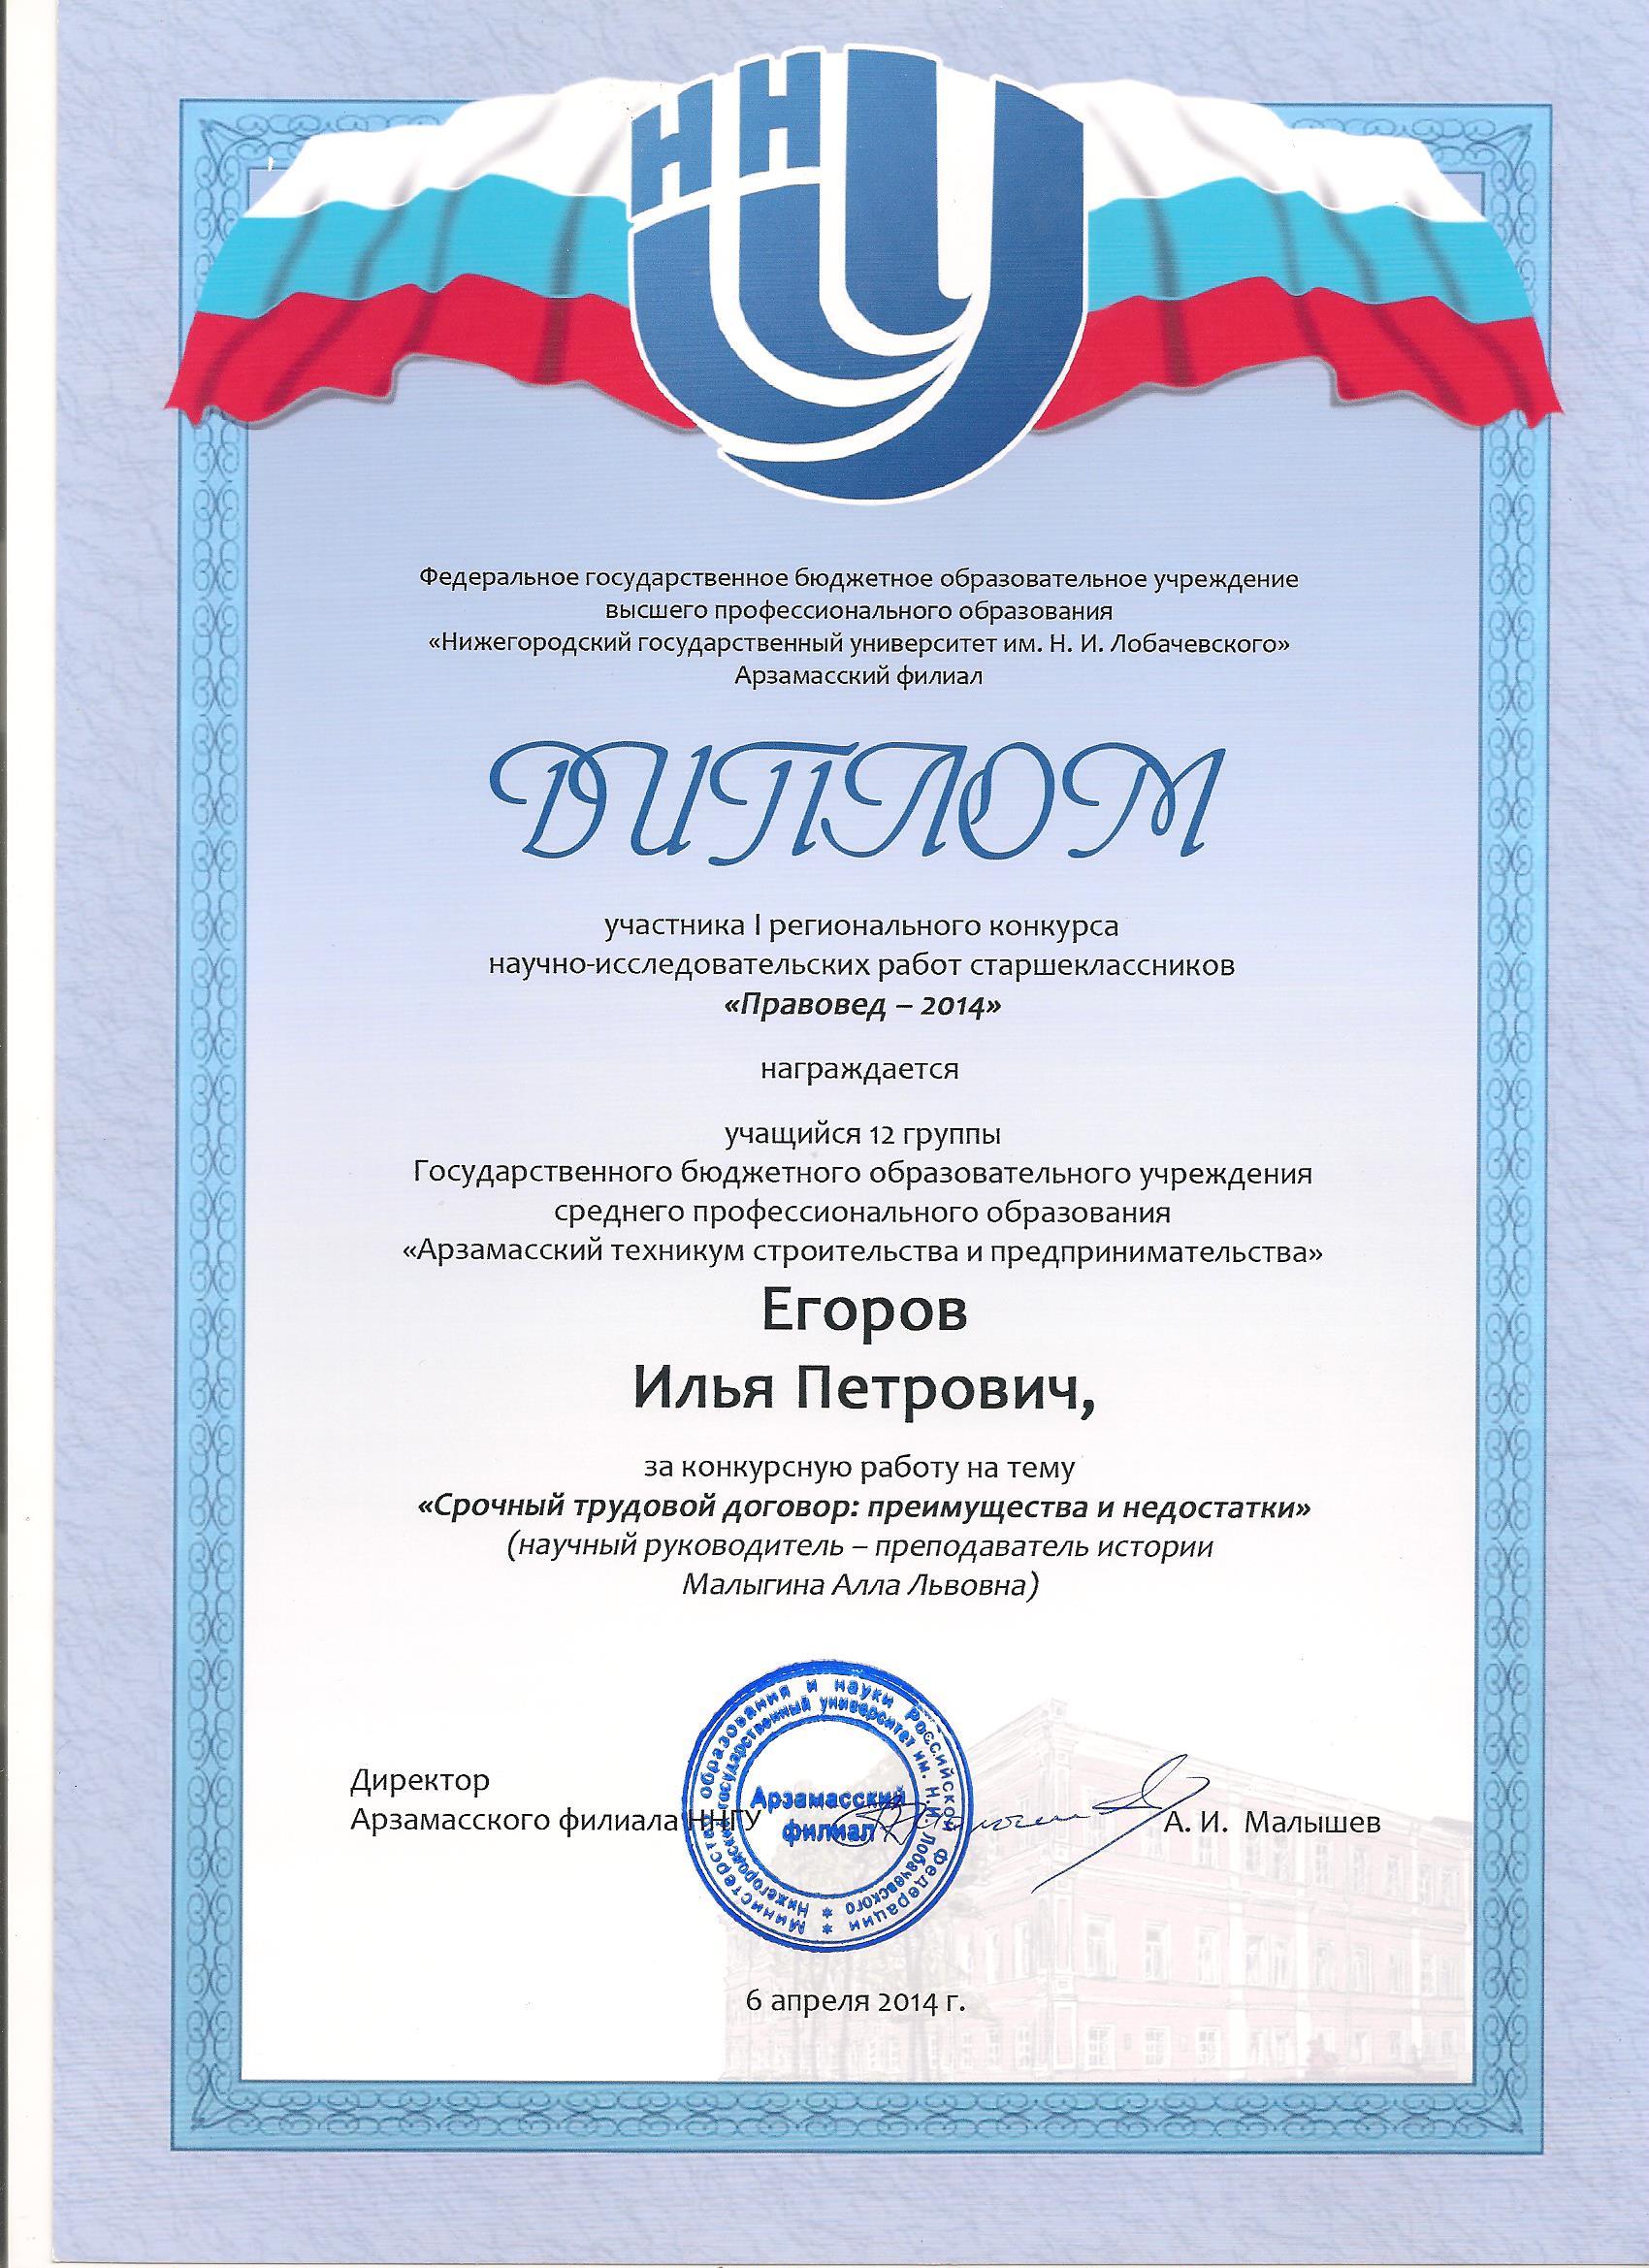 Егоров И.П.